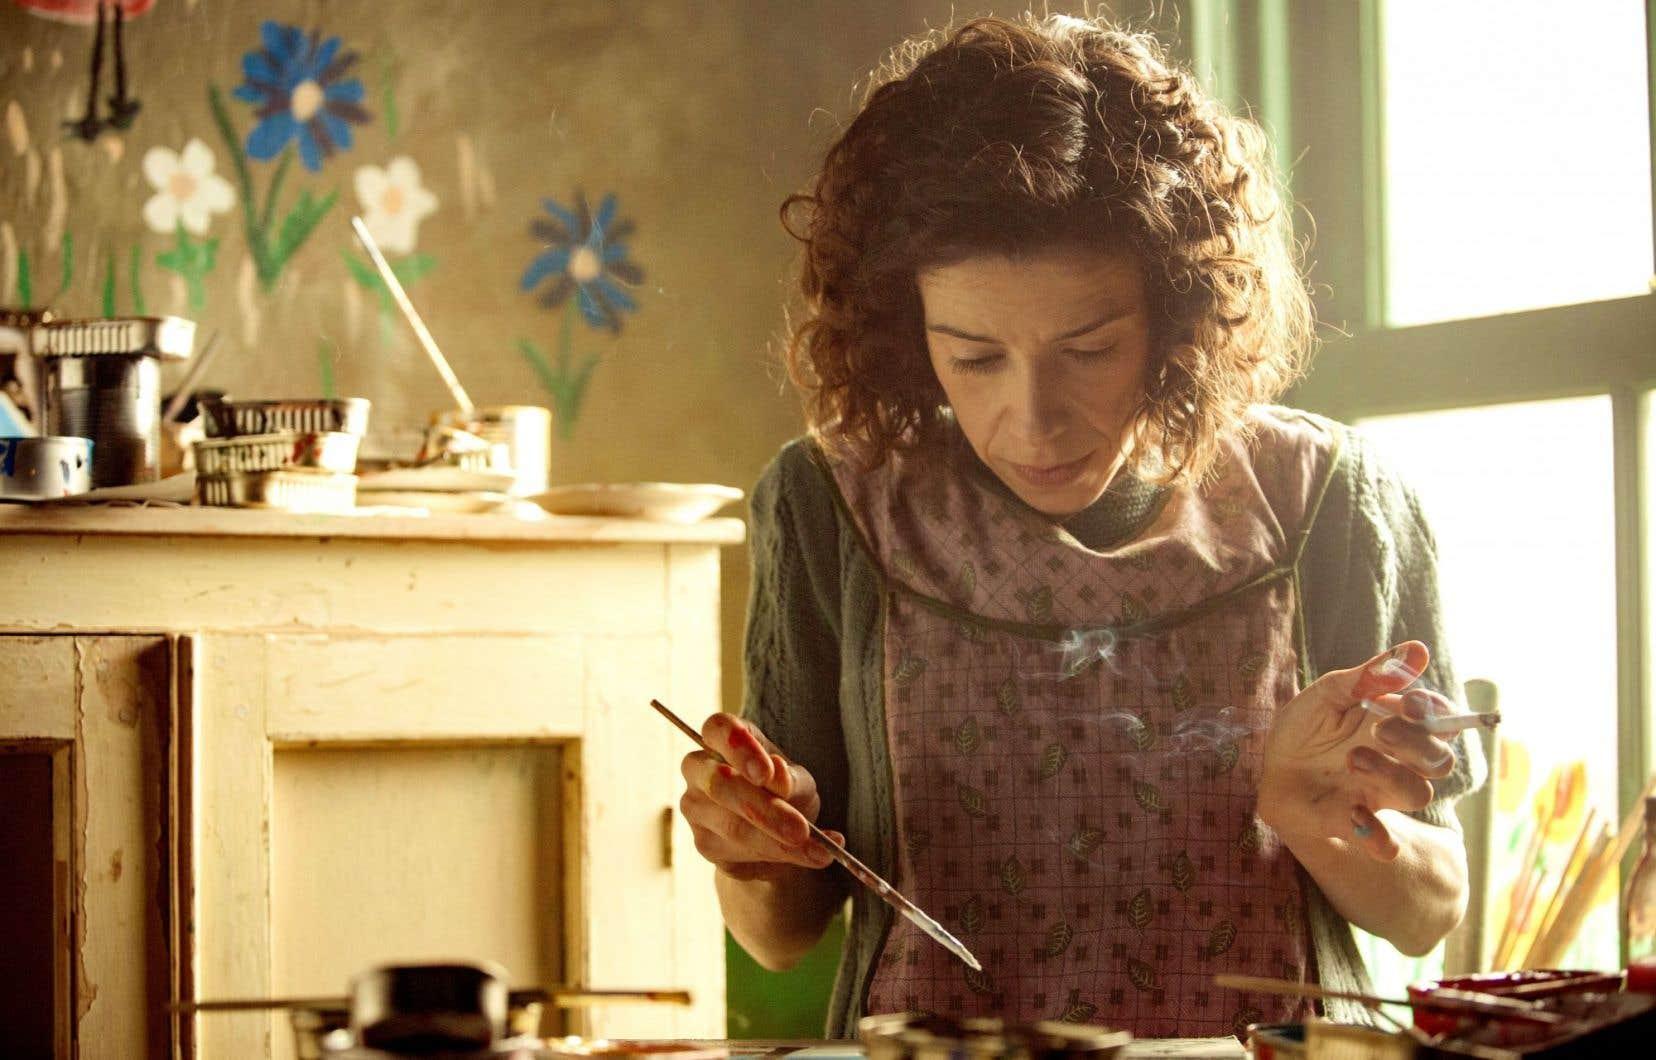 Le film «Maudie» relate la vie de la peintre naïve néo-écossaise Maud Lewis, avec abondance de nature et cabane au bout du rang.